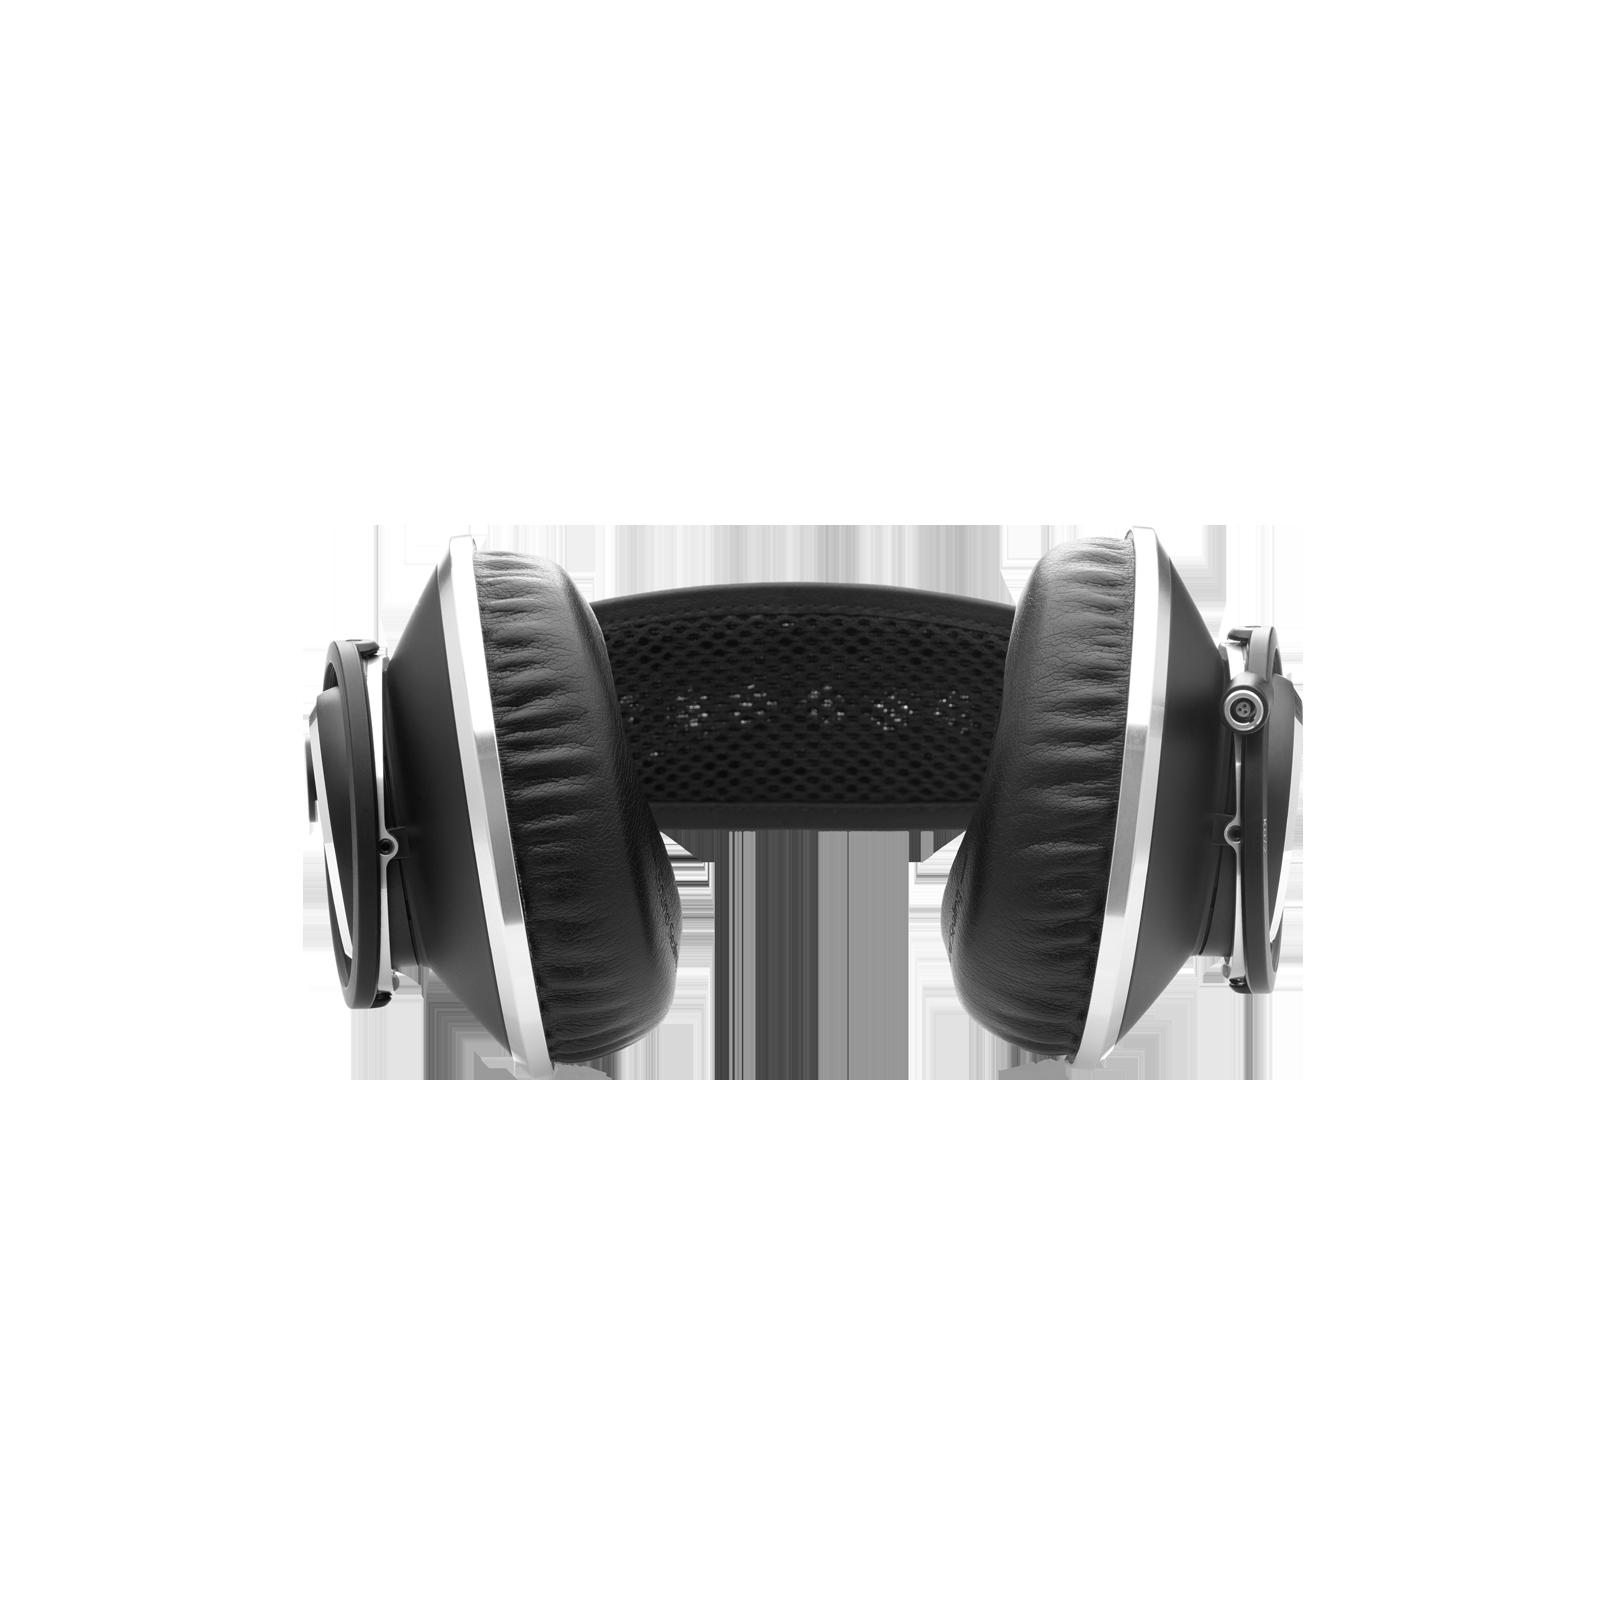 K872 - Black - Master reference closed-back headphones - Detailshot 3